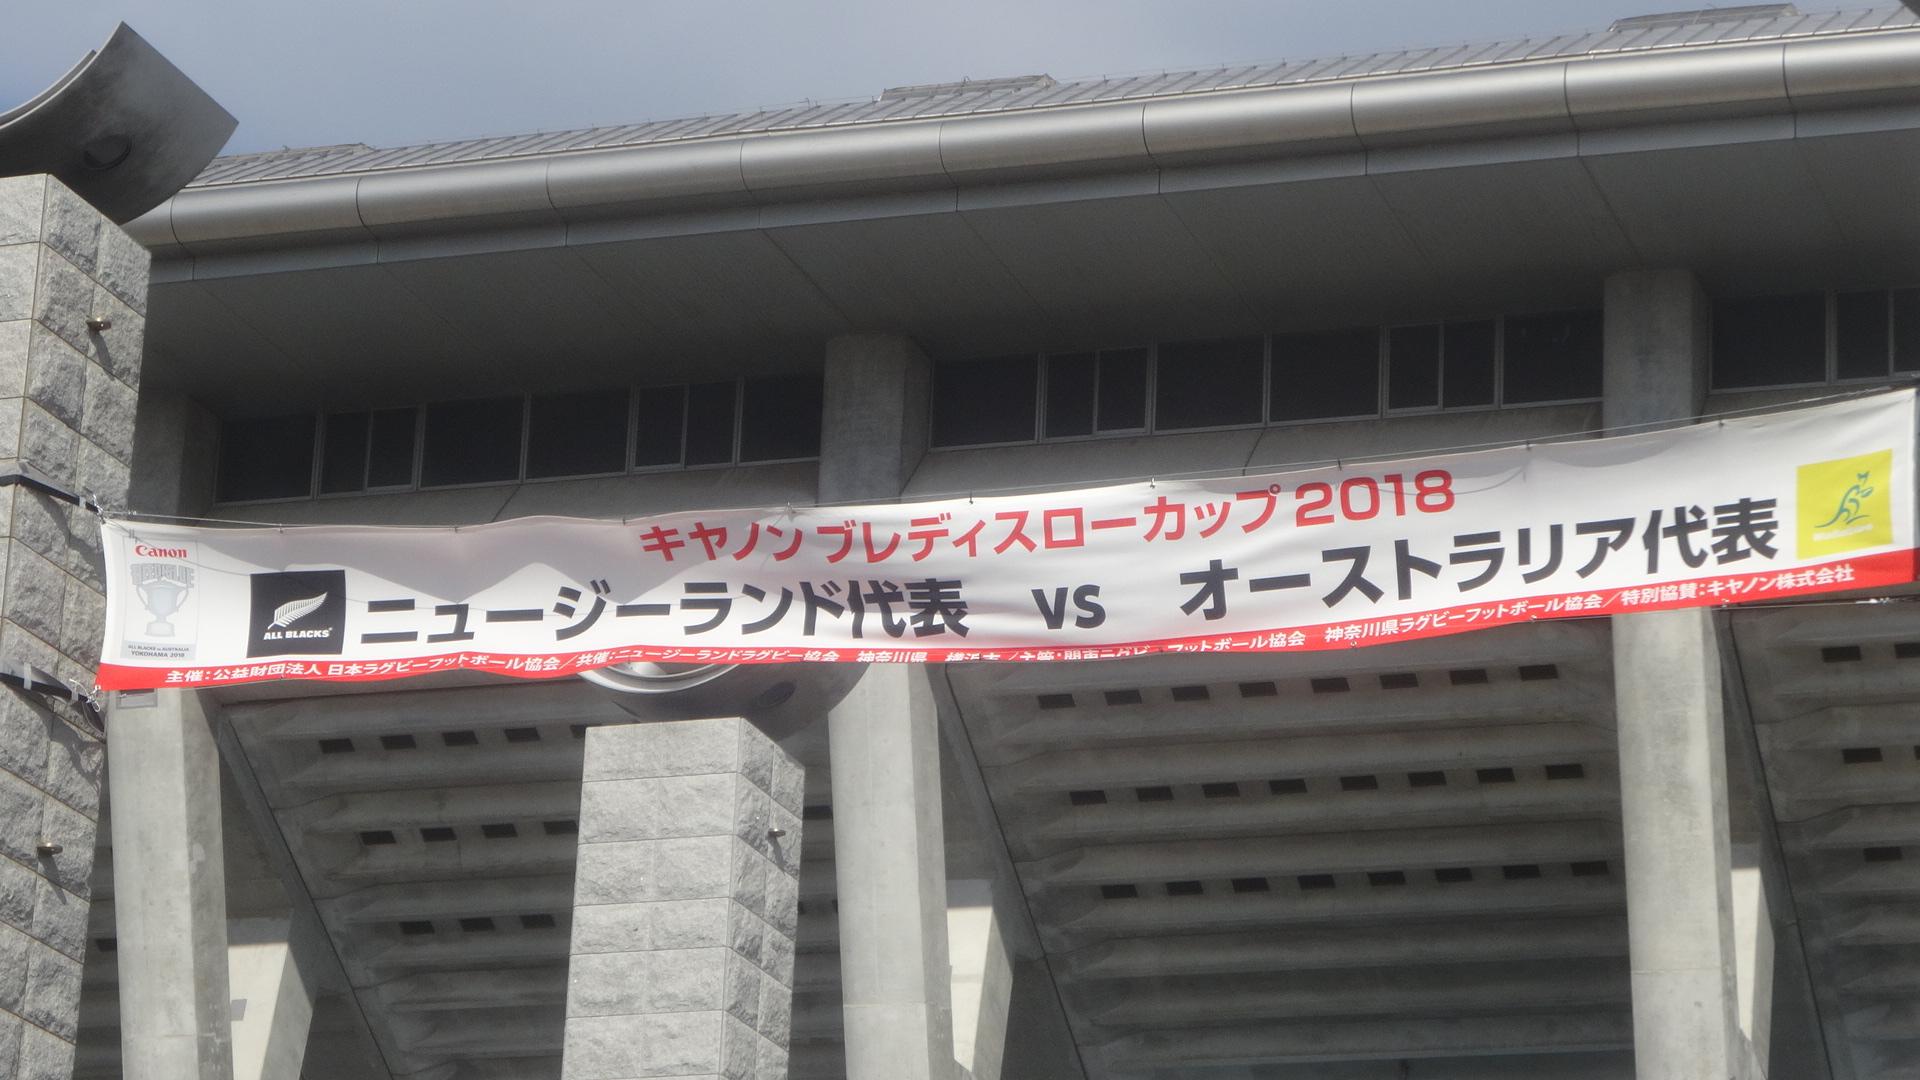 スタジアムに掲げられたプレディースローカップ2018の垂れ幕